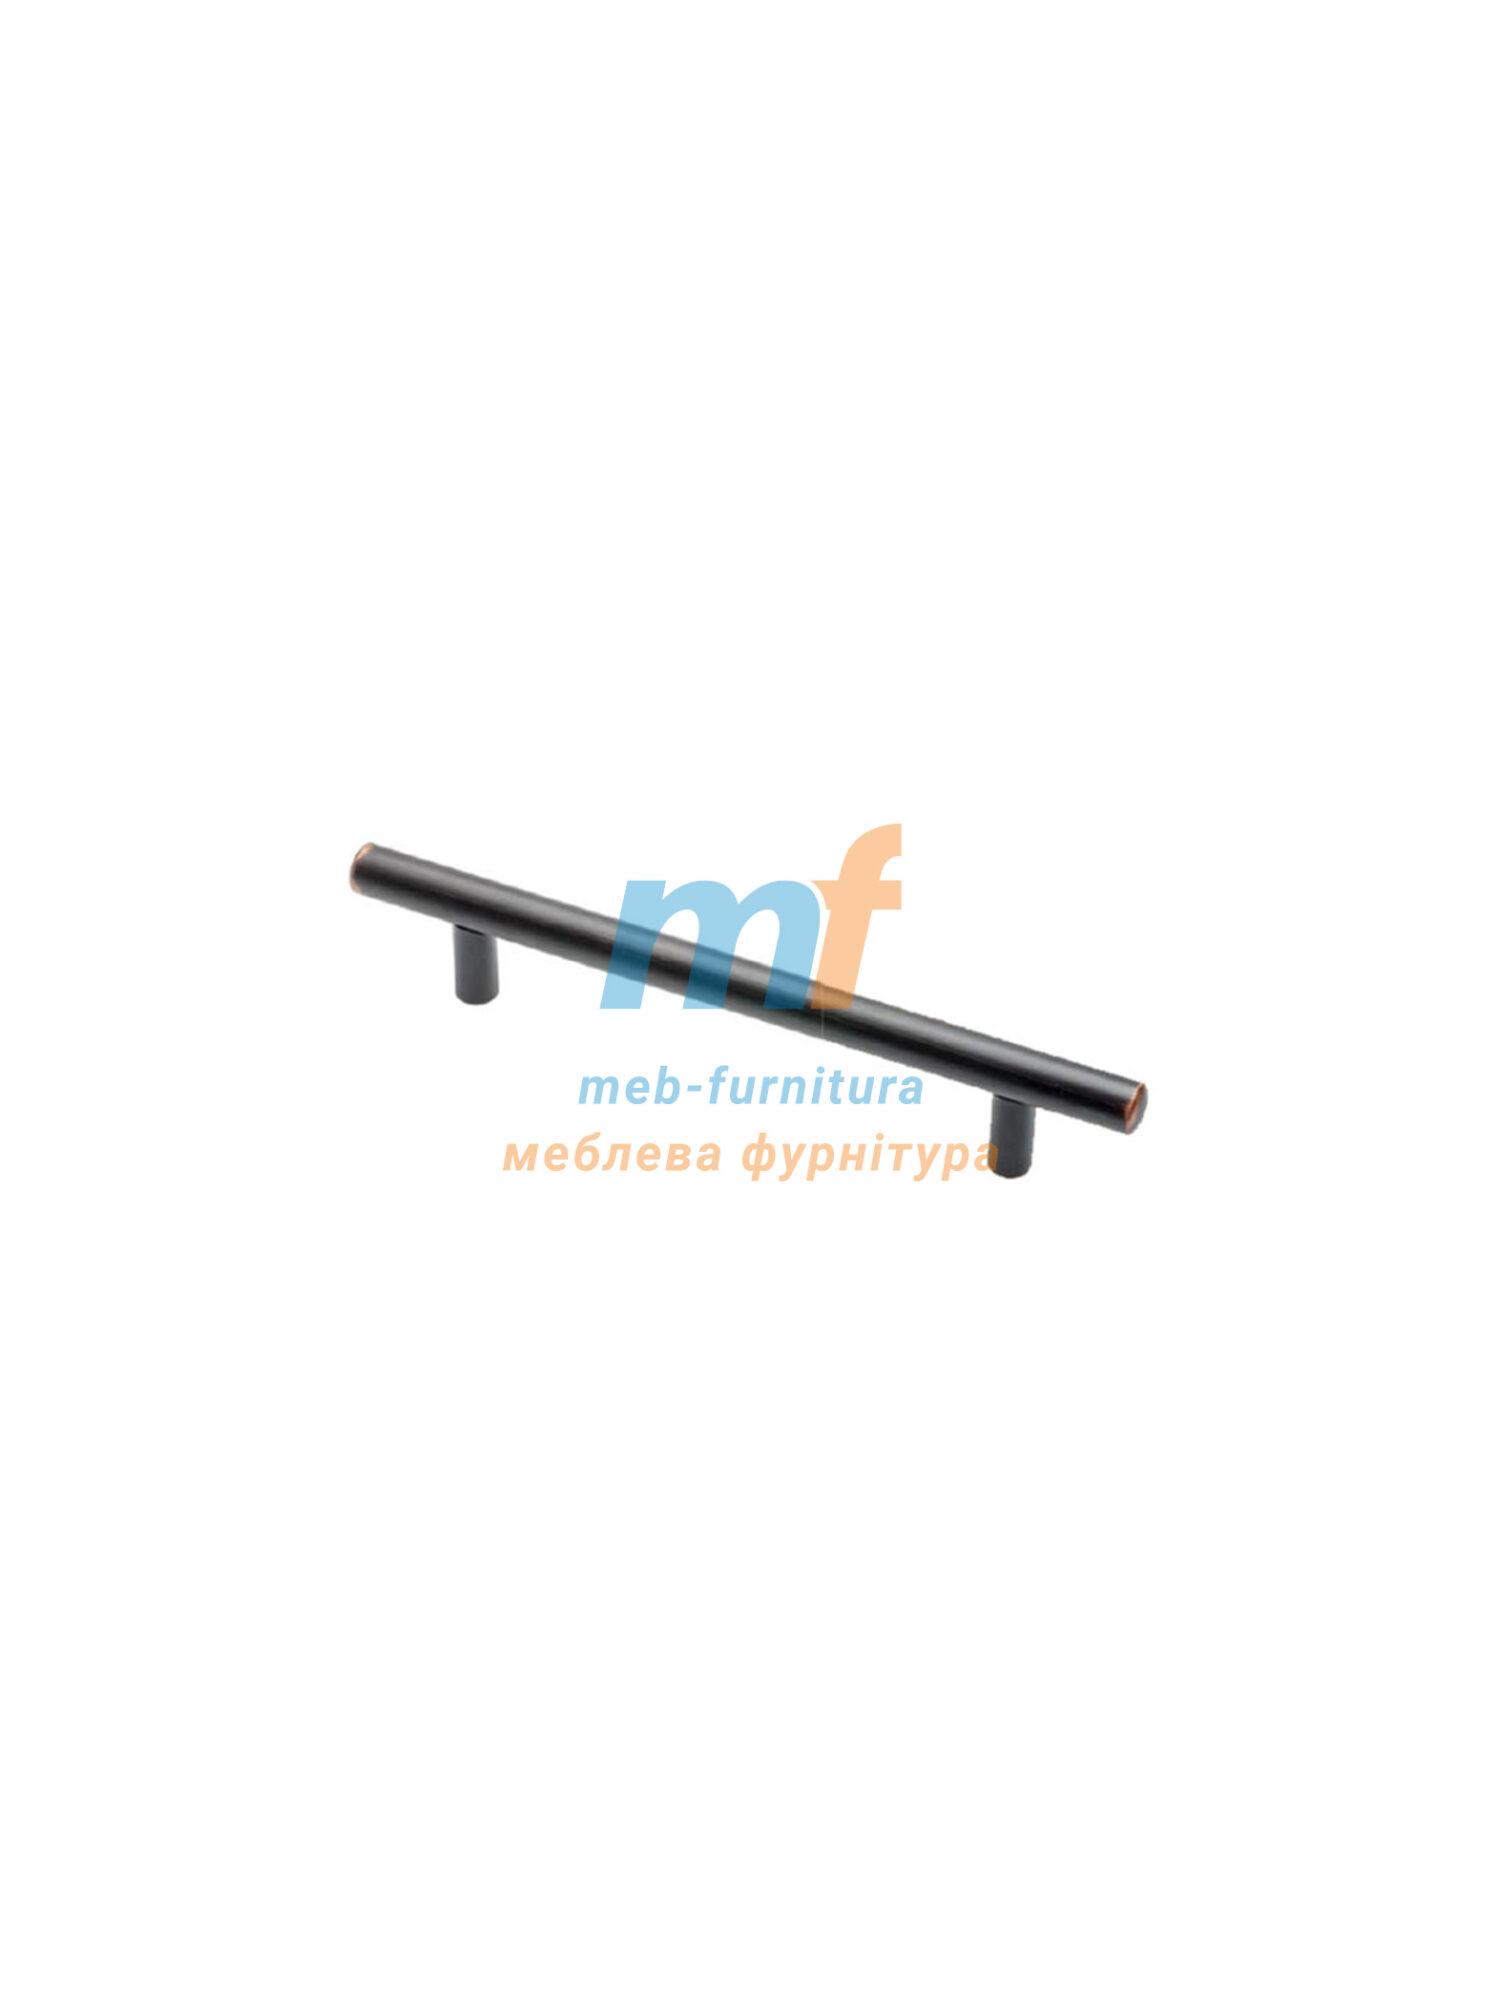 Ручка мебельная релинг 160мм - черная